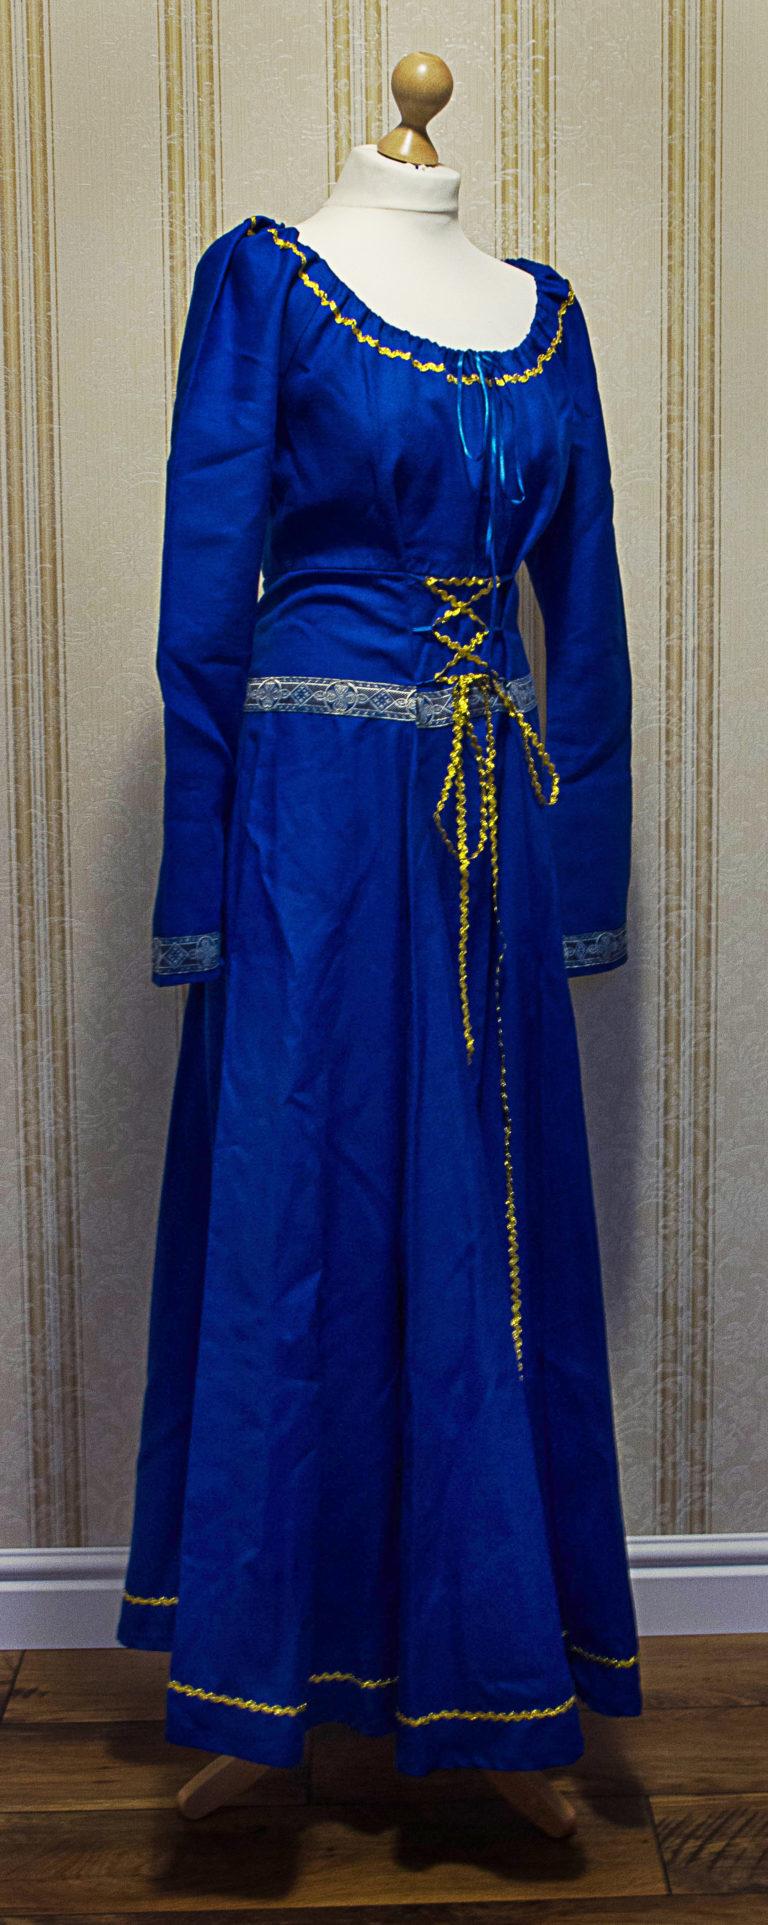 Mittelalterkleid Nimue